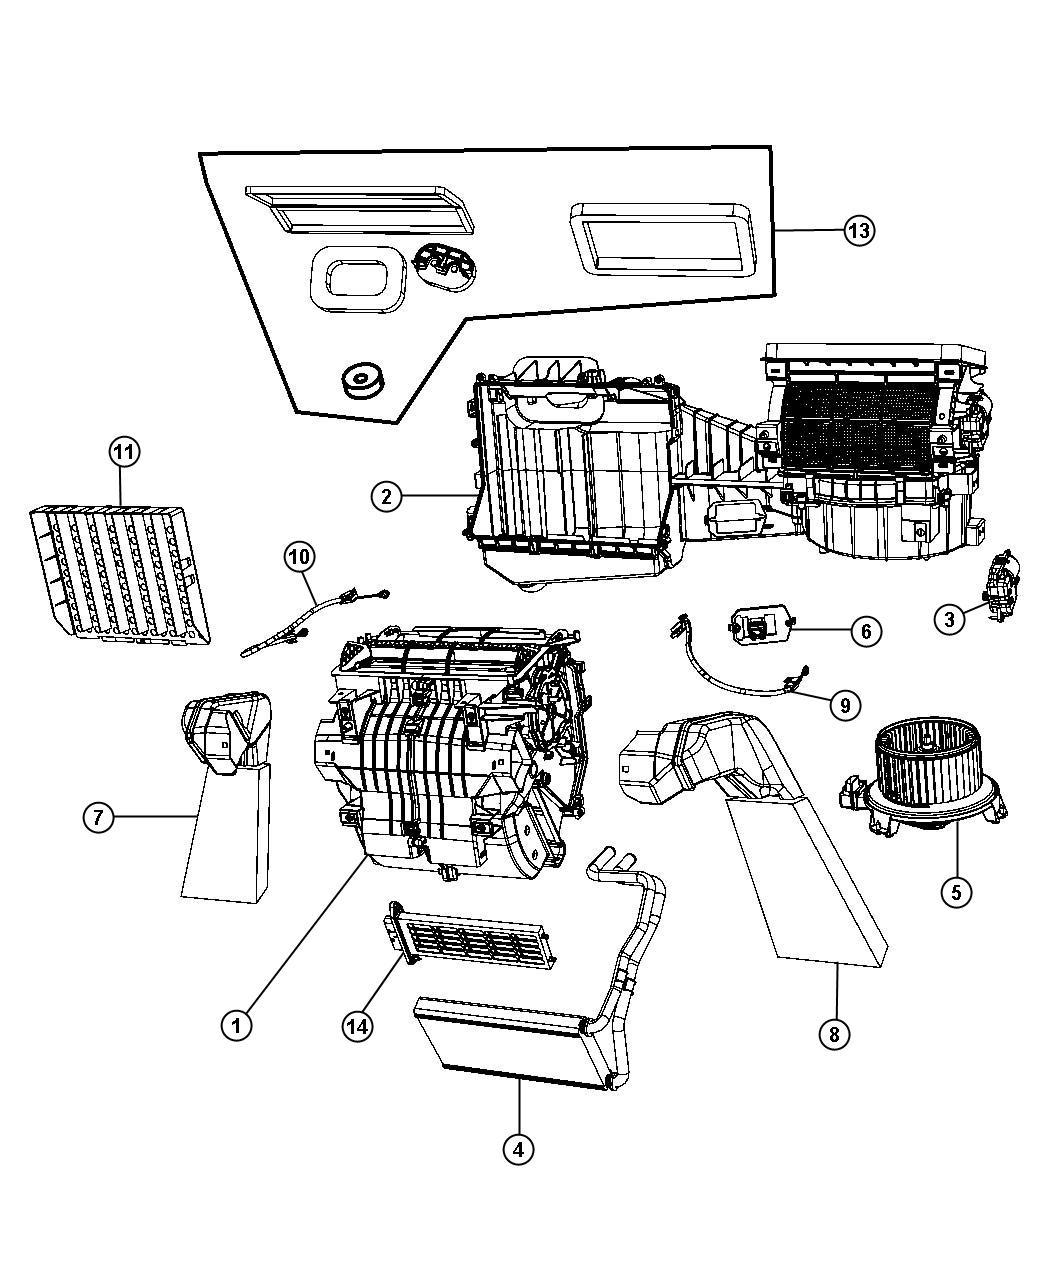 2007 Jeep Wrangler Housing. Blower motor. Heater